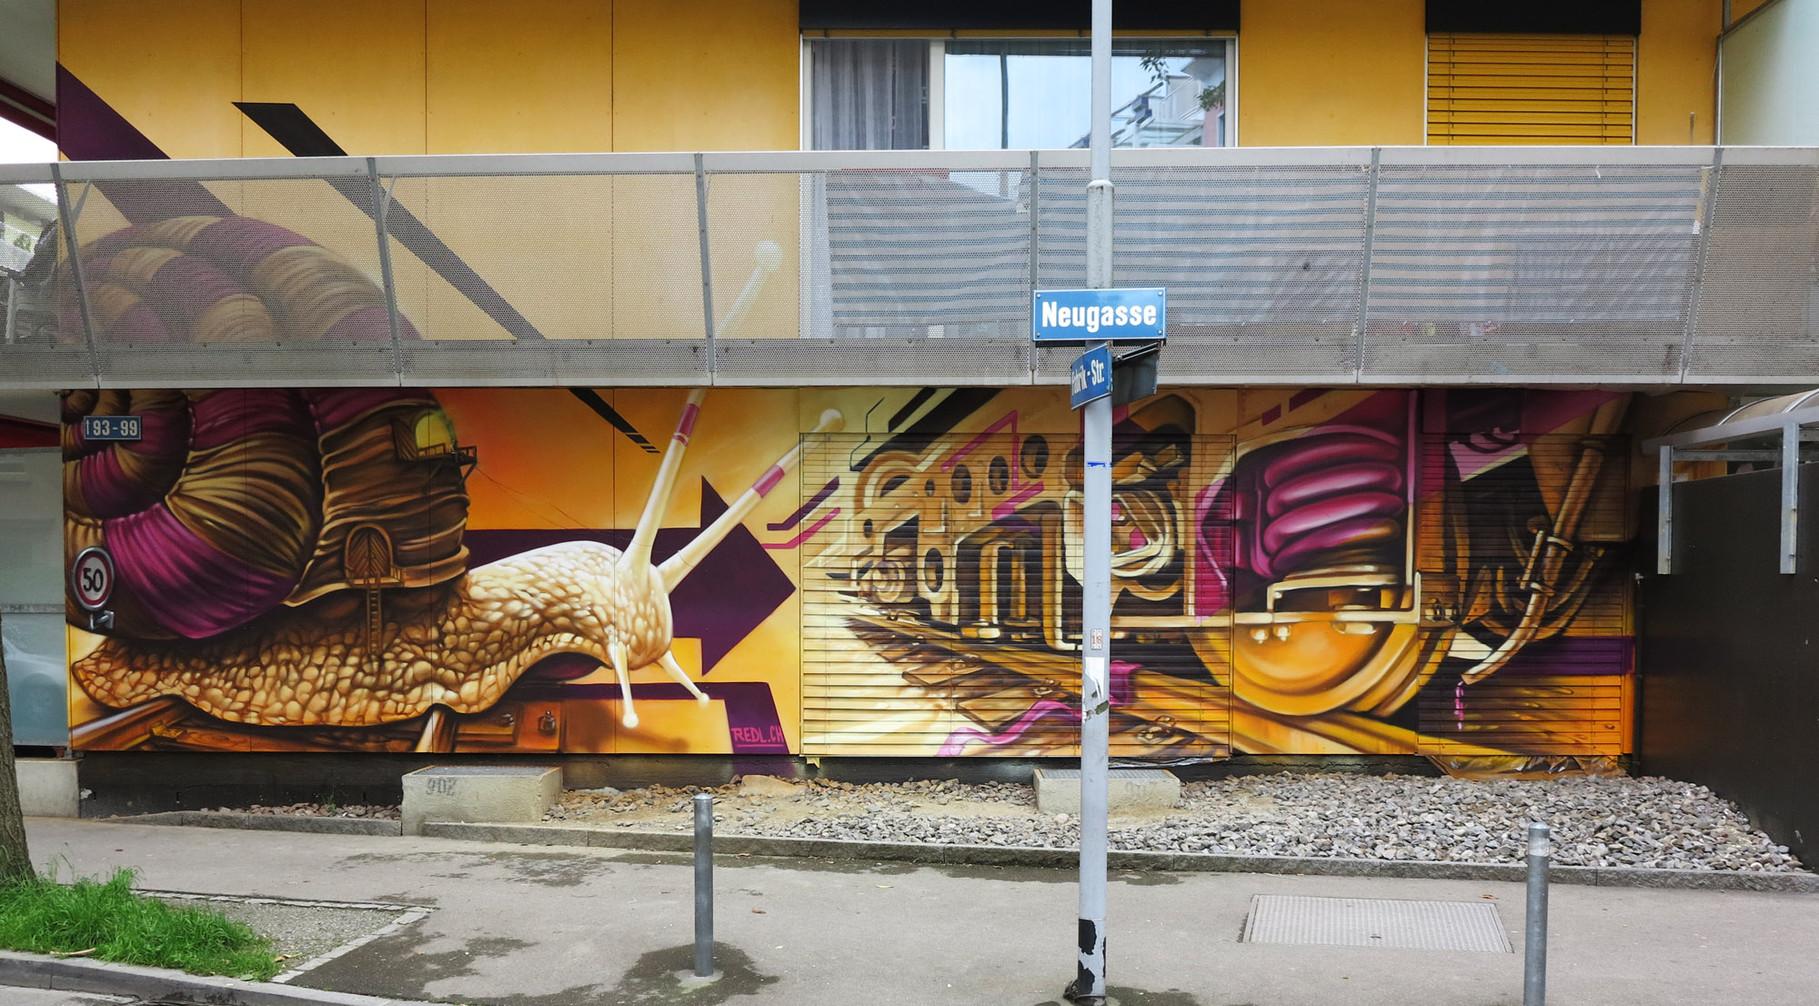 Wandgestaltung für Simo Immobilen, Zürich Neugasse, 2014